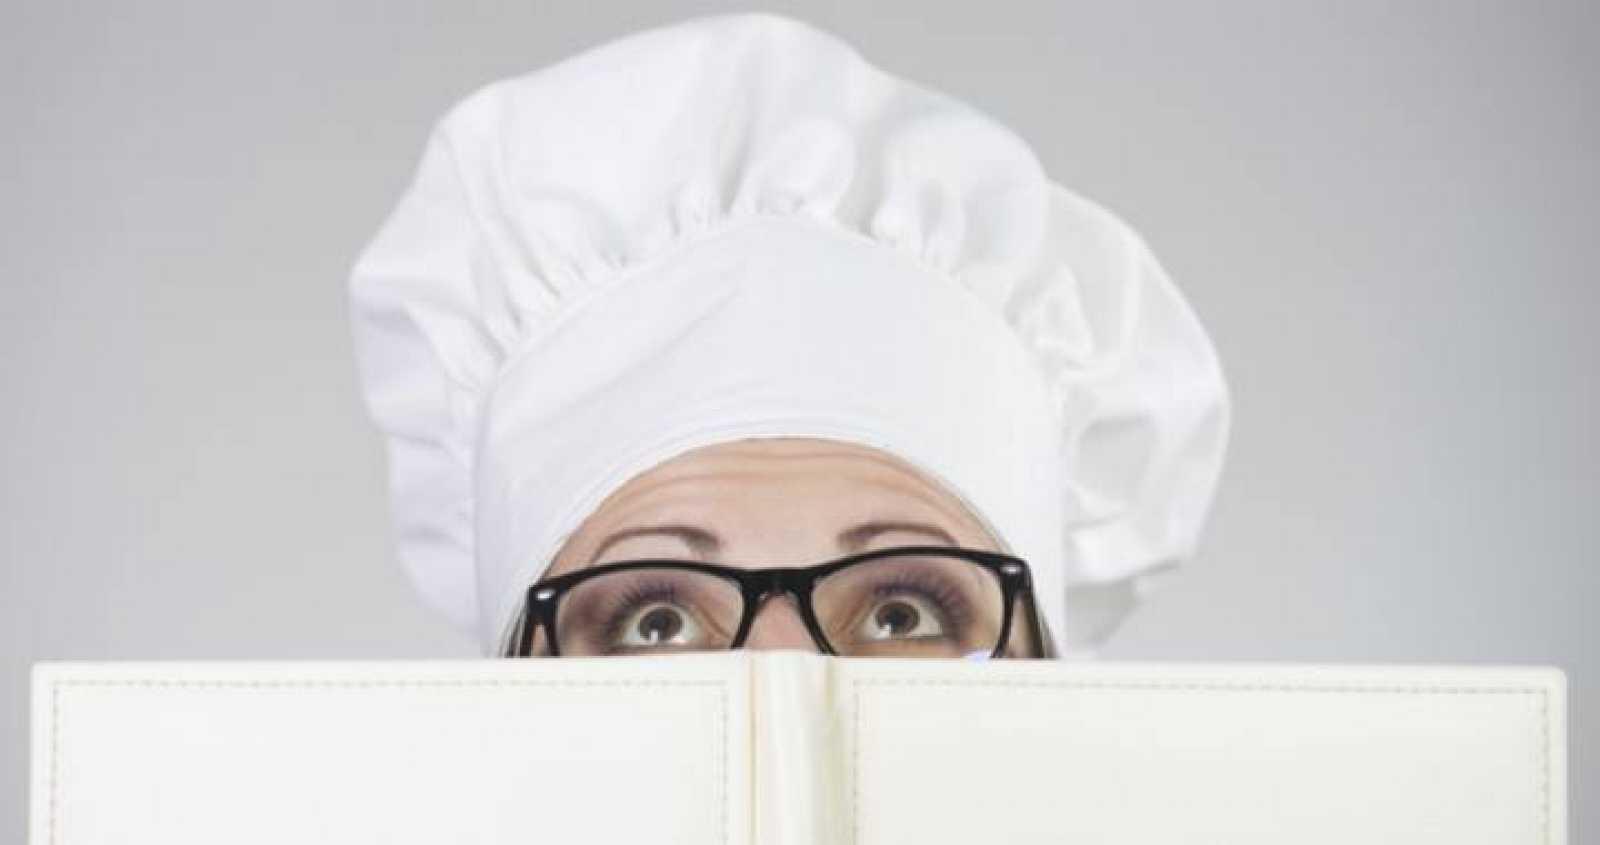 Qué libros de cocina consultan los grandes chefs? - RTVE.es